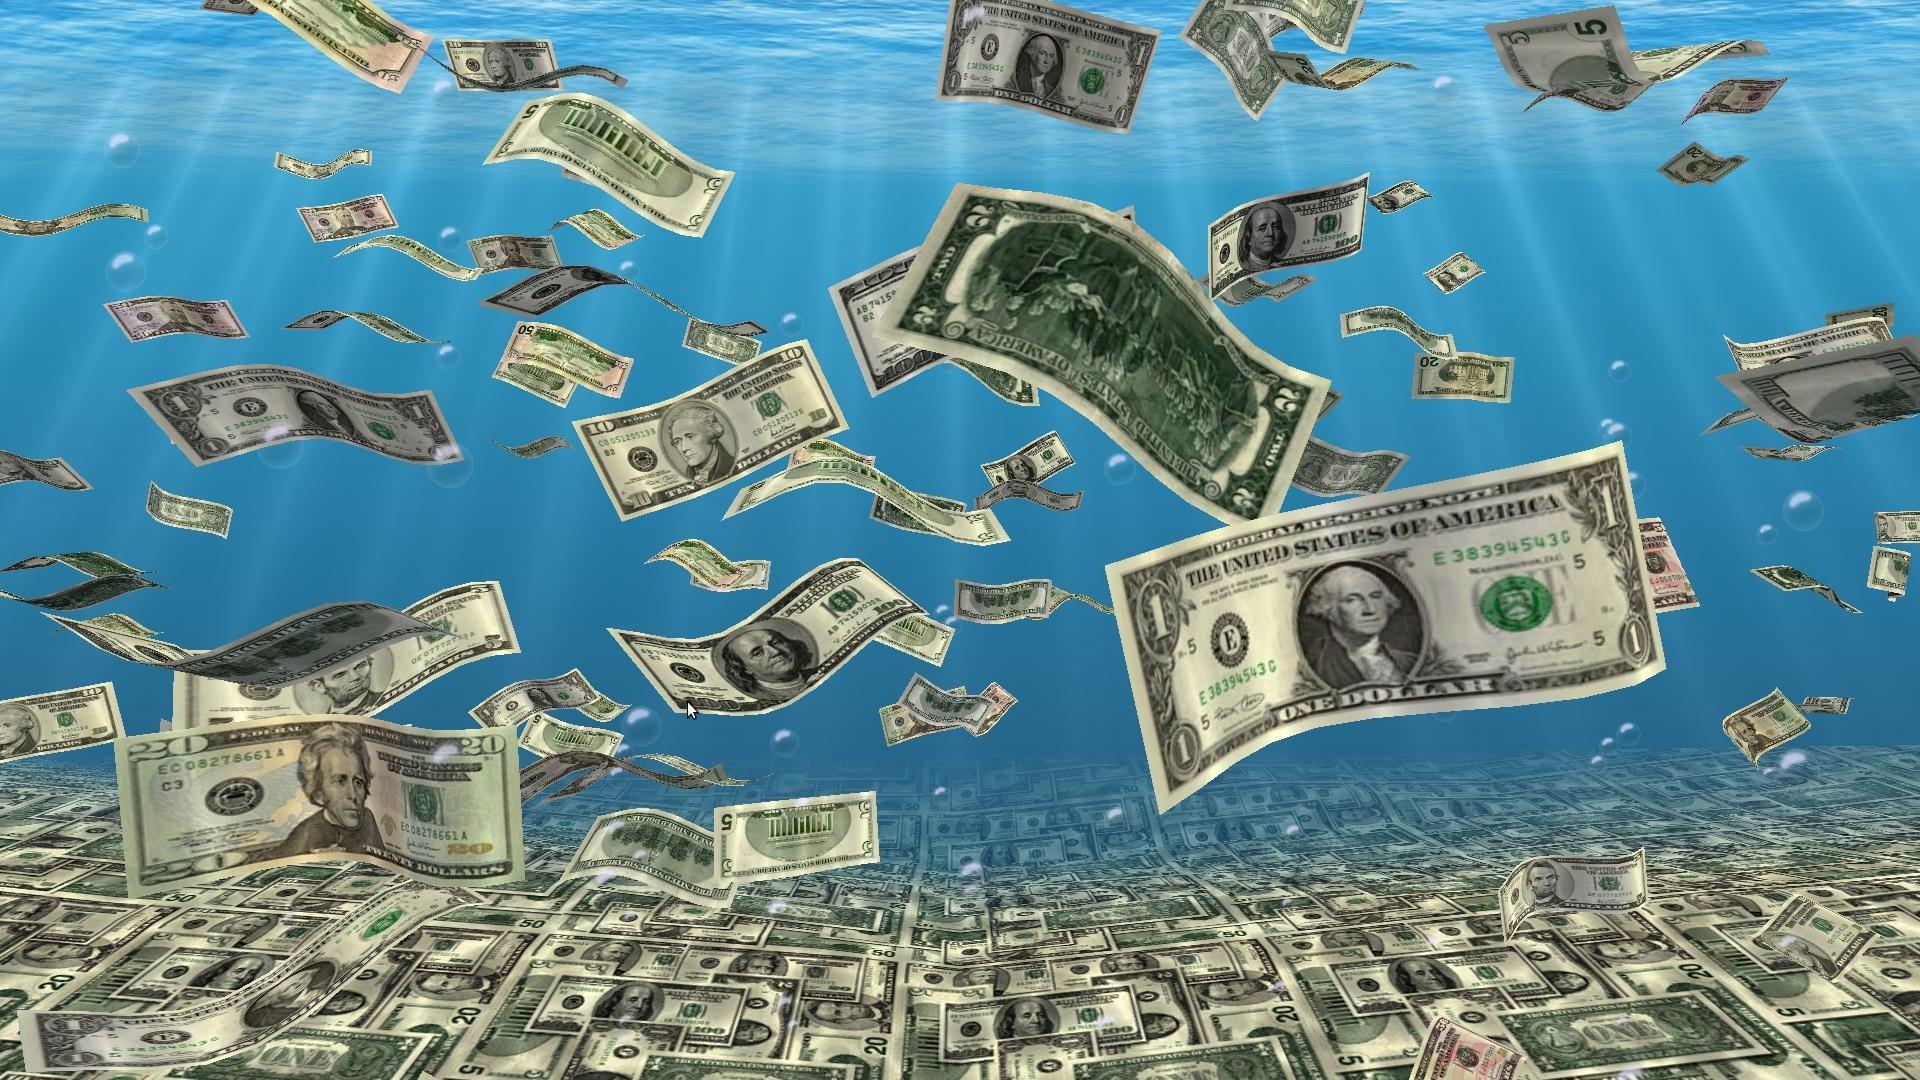 3D Falling Money Wallpaper